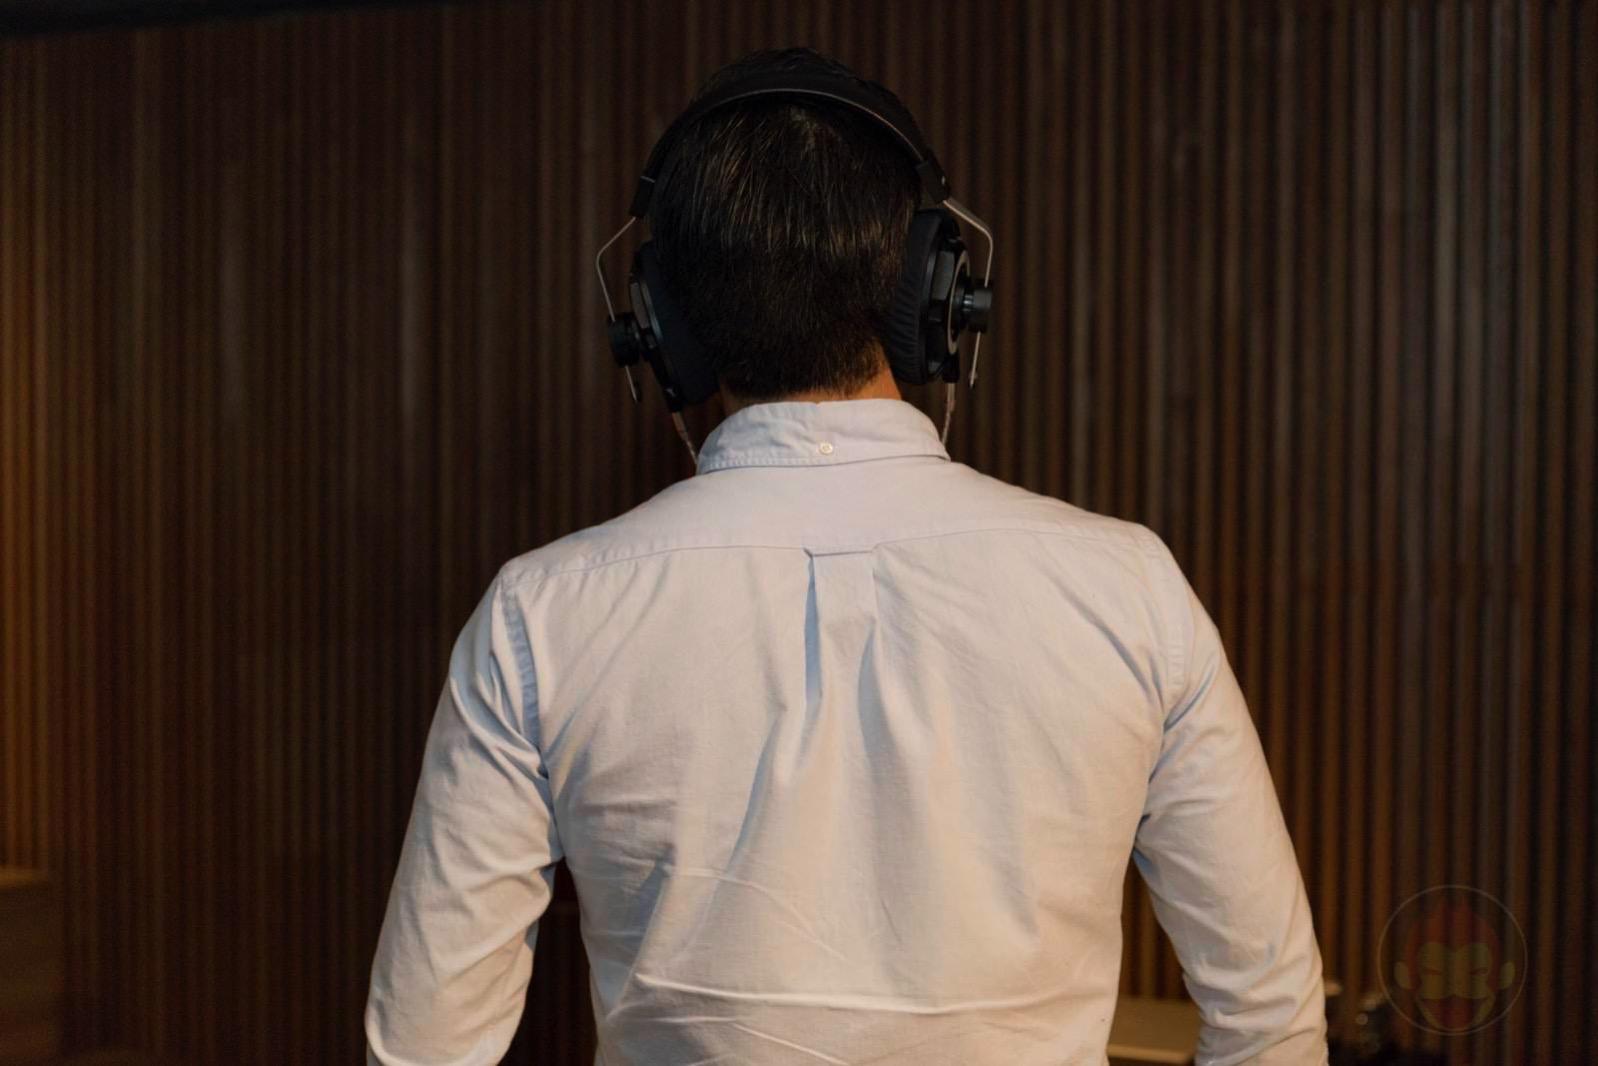 Final-Audio-Design-Headphones-and-Earphones-10.jpg